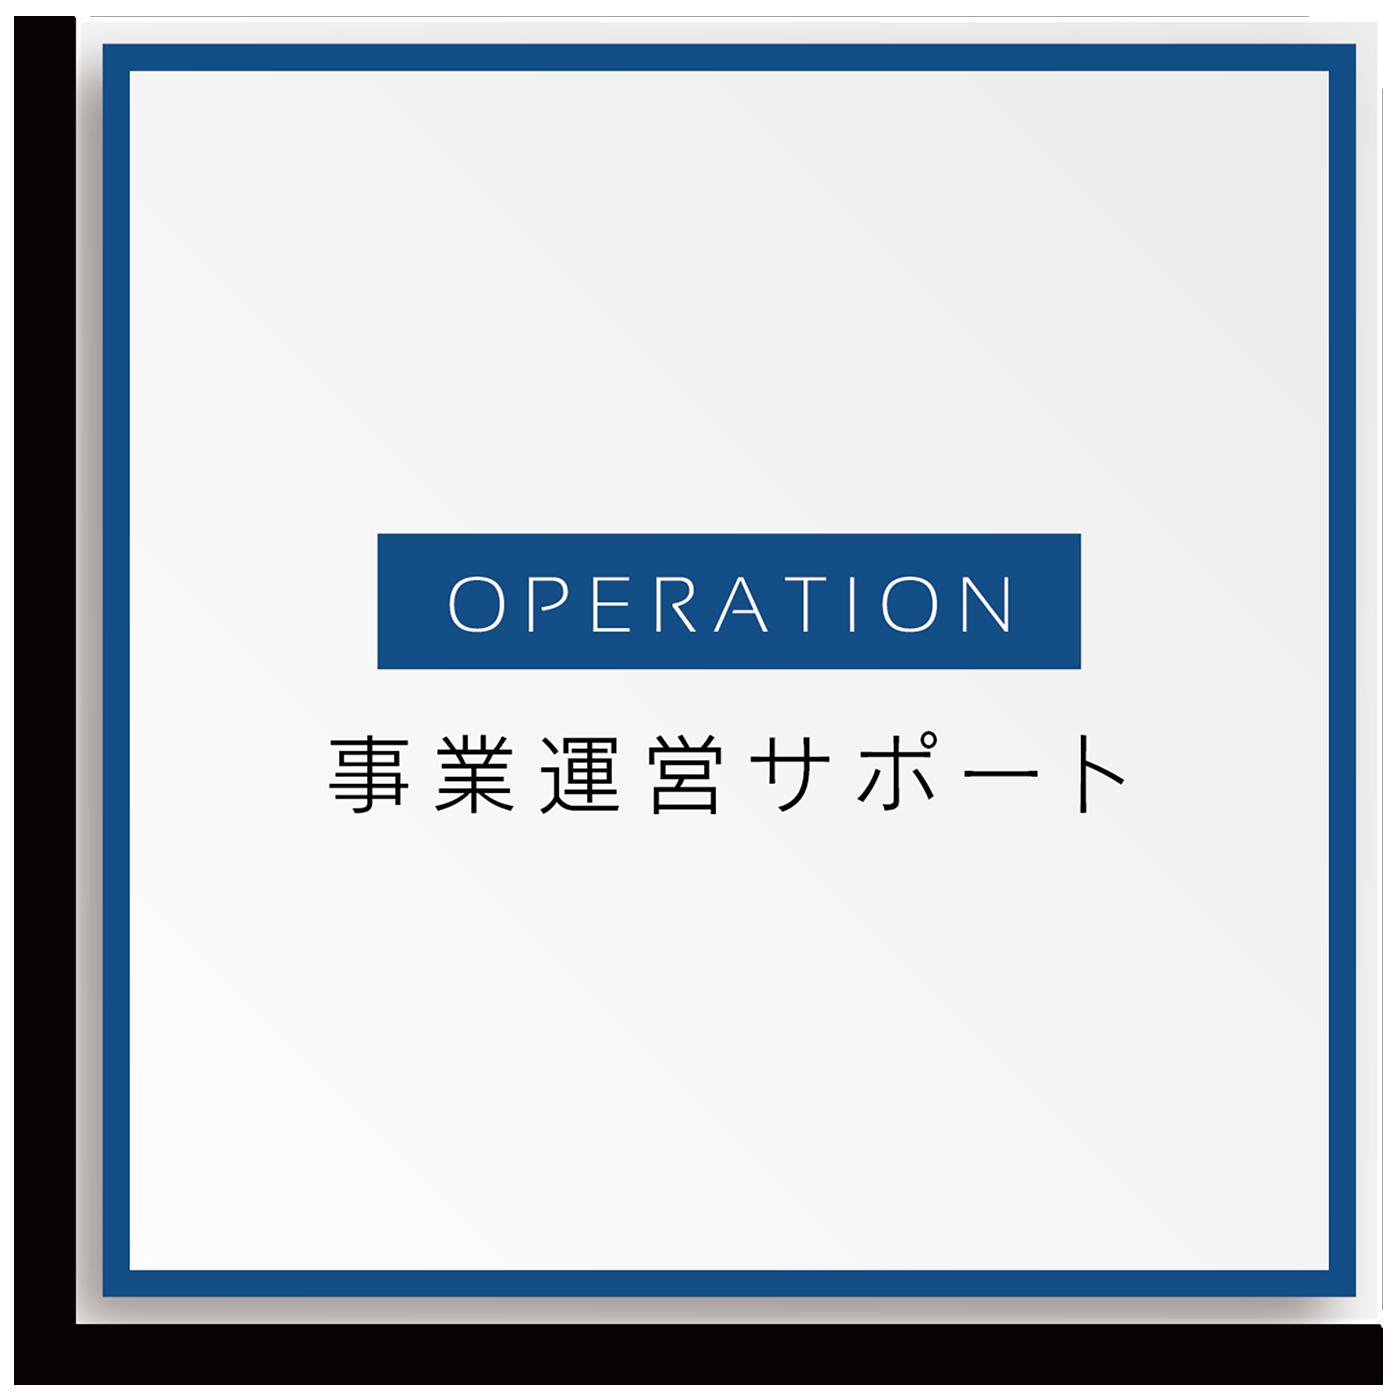 クリエイティブ・オールージュ|輸入元支援サービス